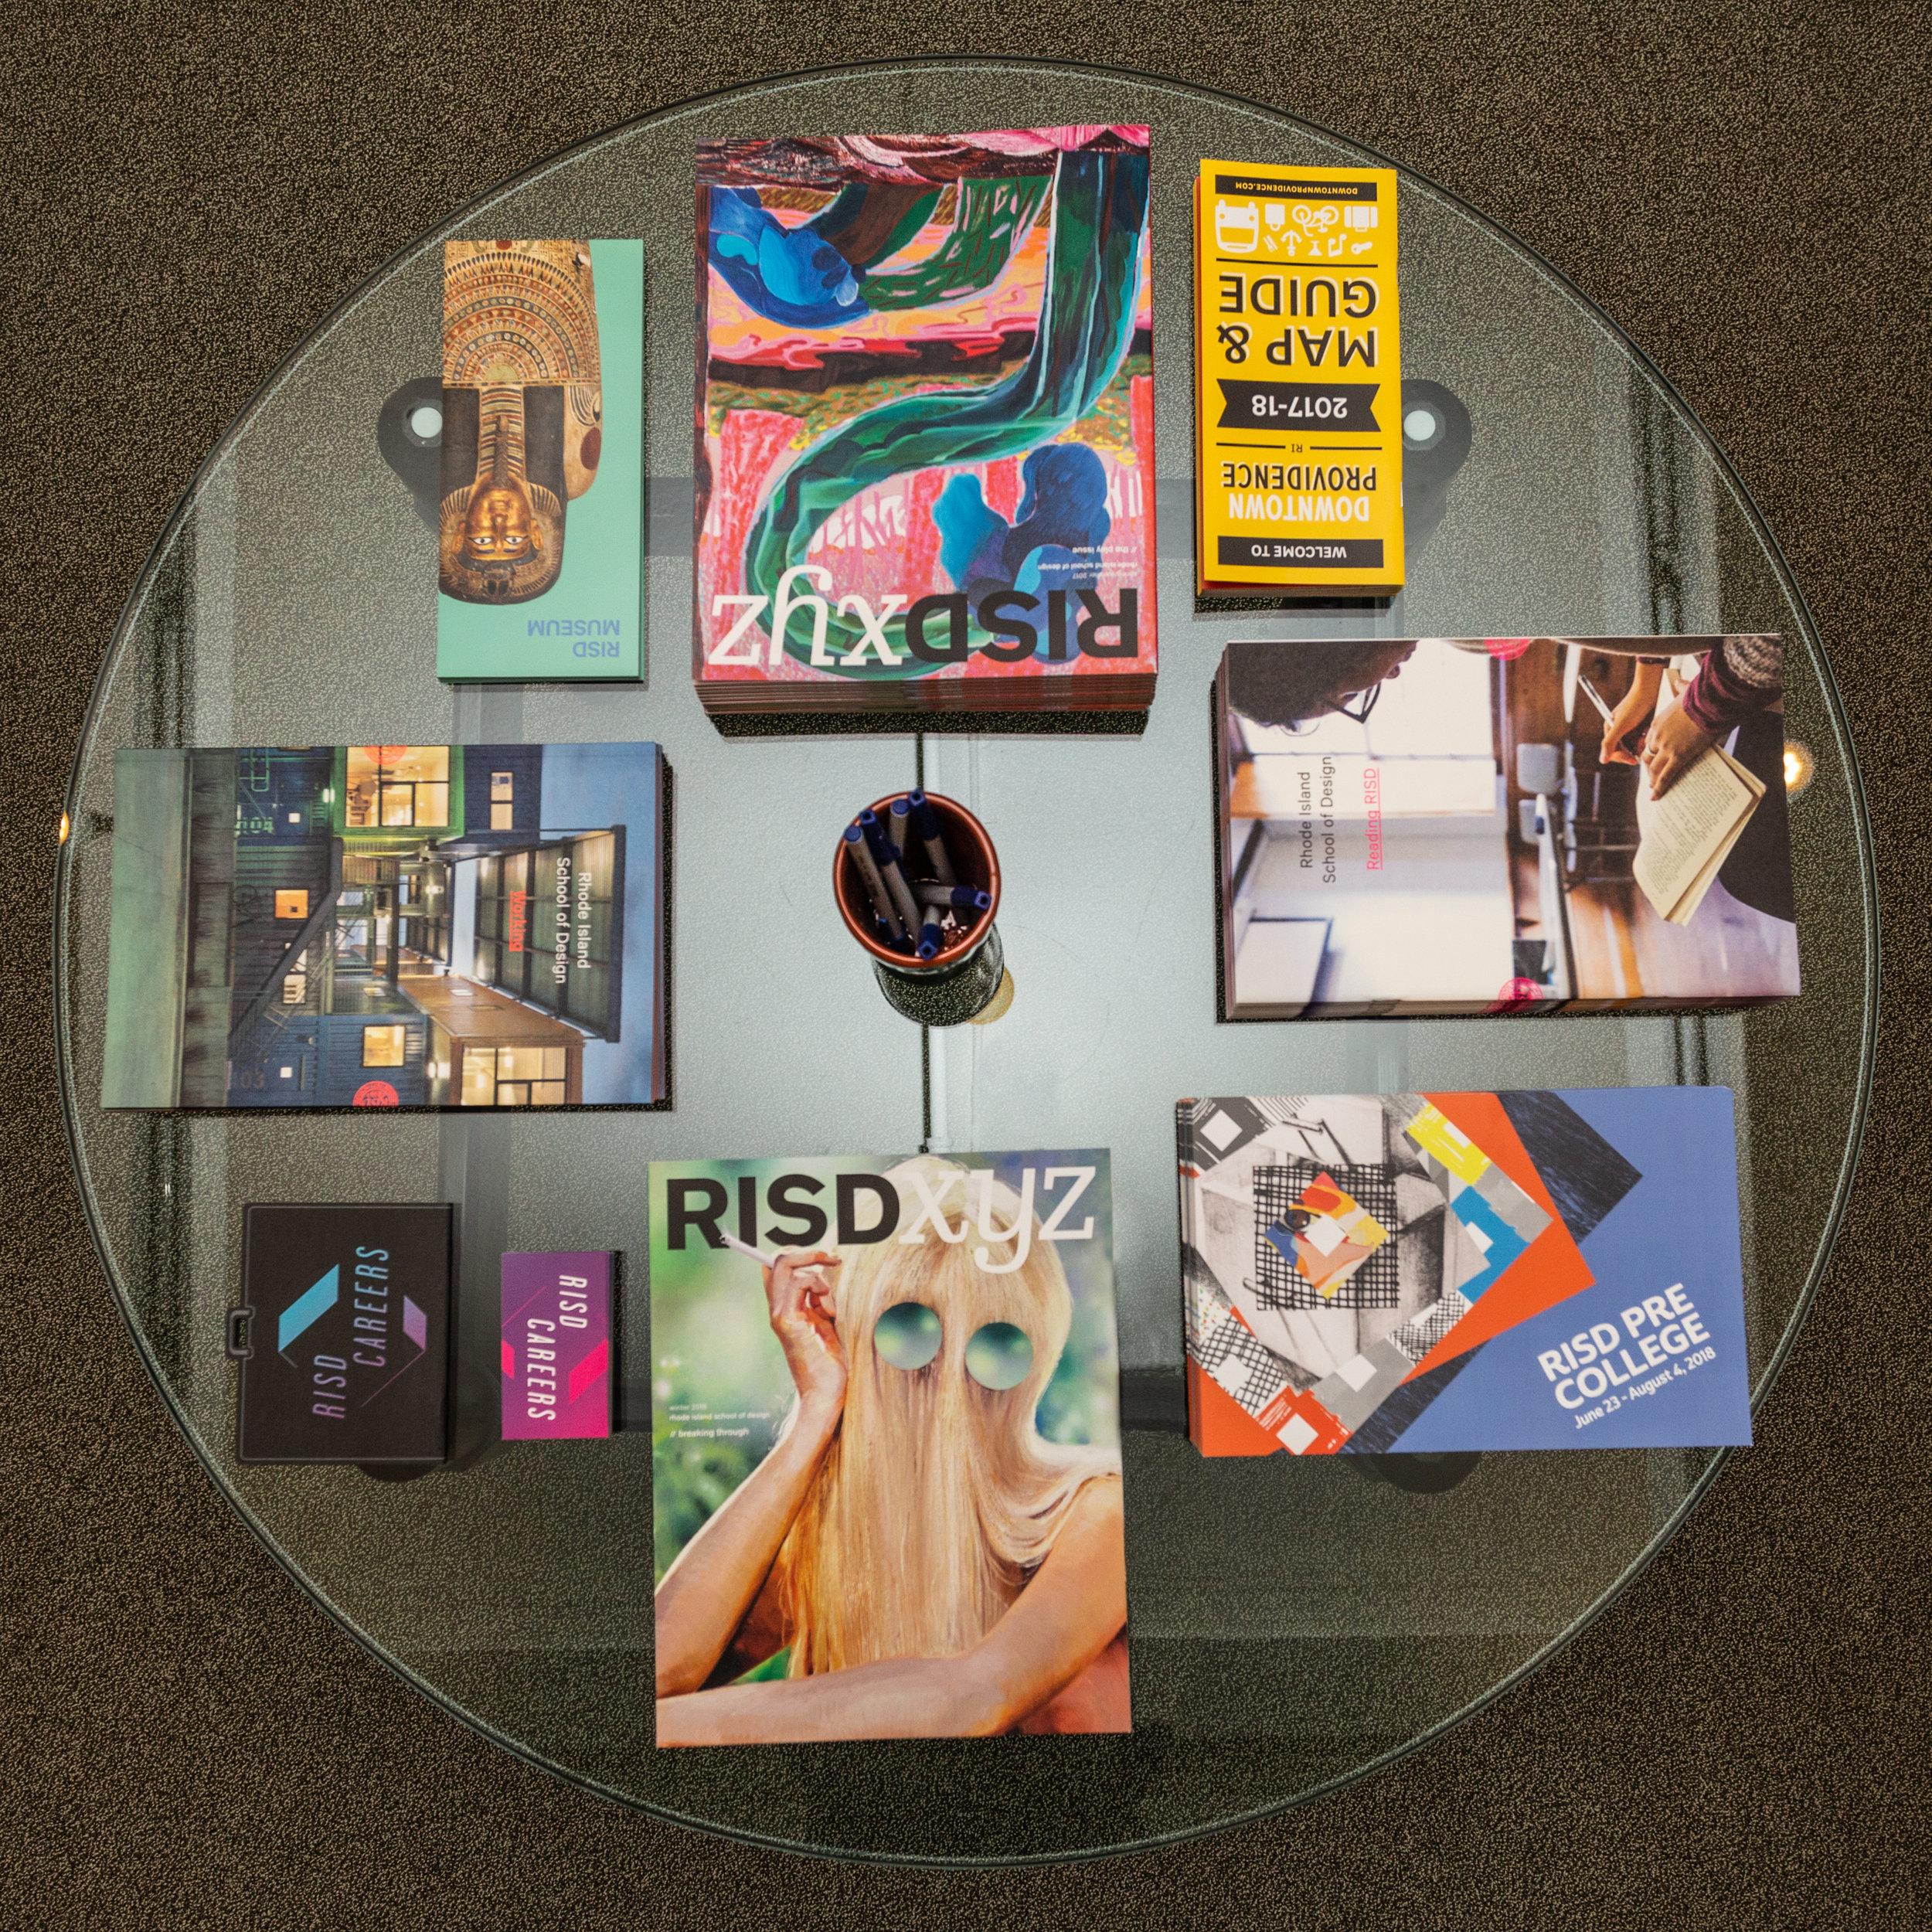 RISD-WG-0462A-20180611.jpg